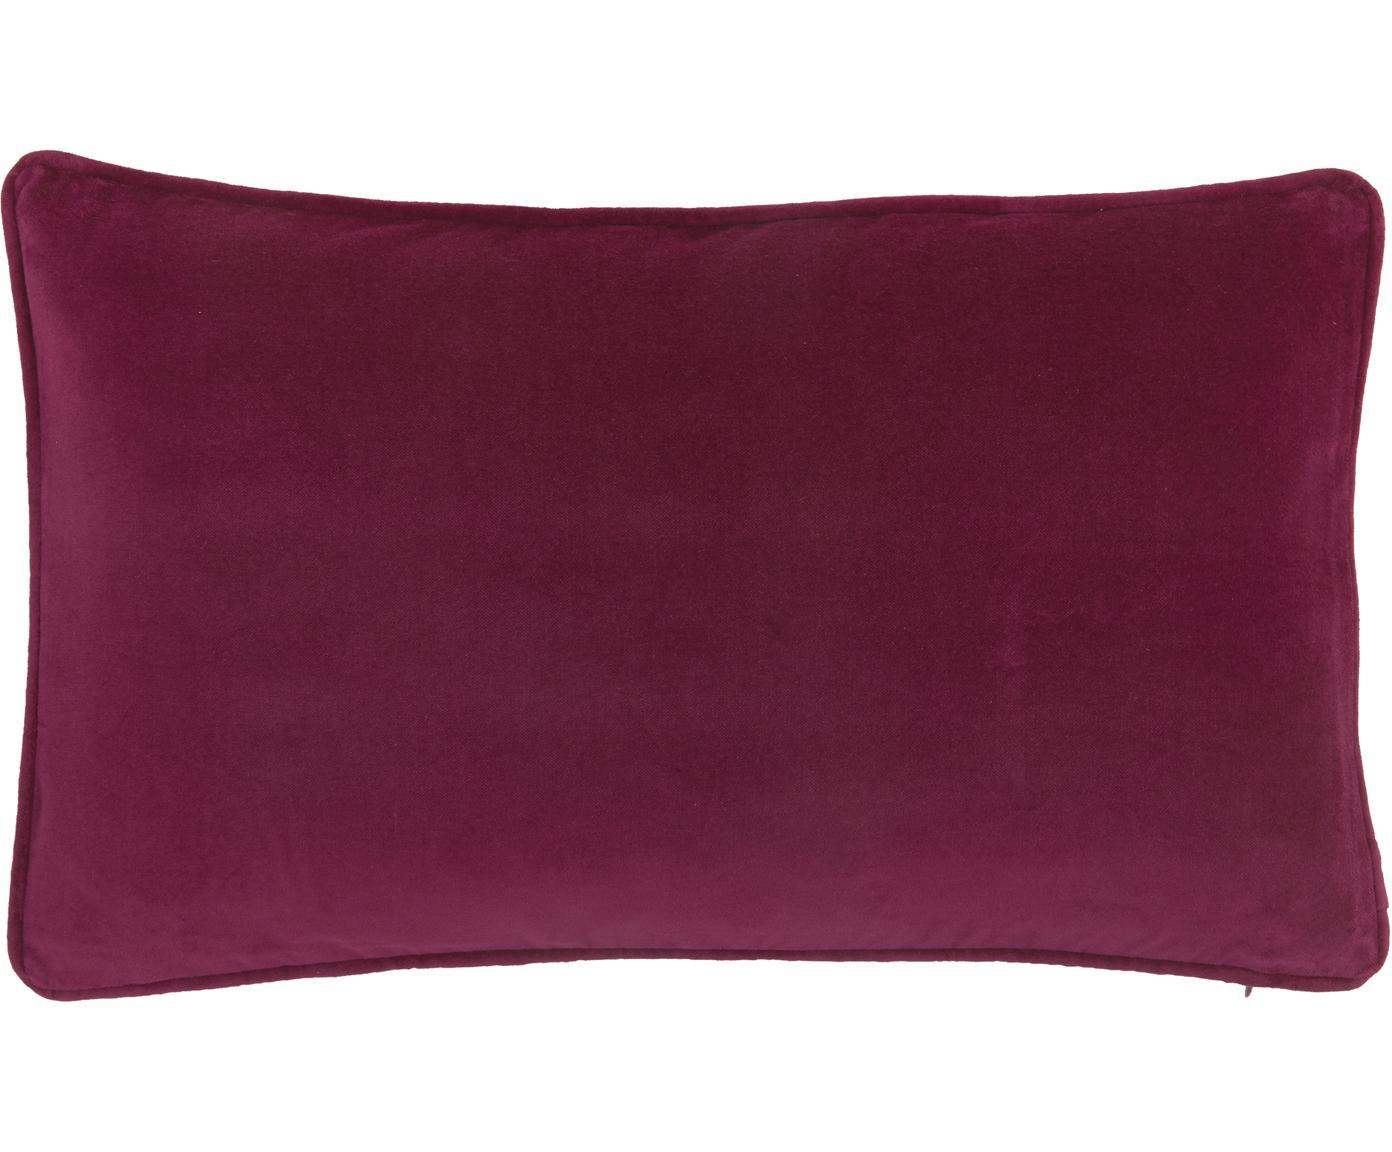 Federa arredo in velluto in vino rosso Dana, Velluto di cotone, Vino rosso, Larg. 30 x Lung. 50 cm